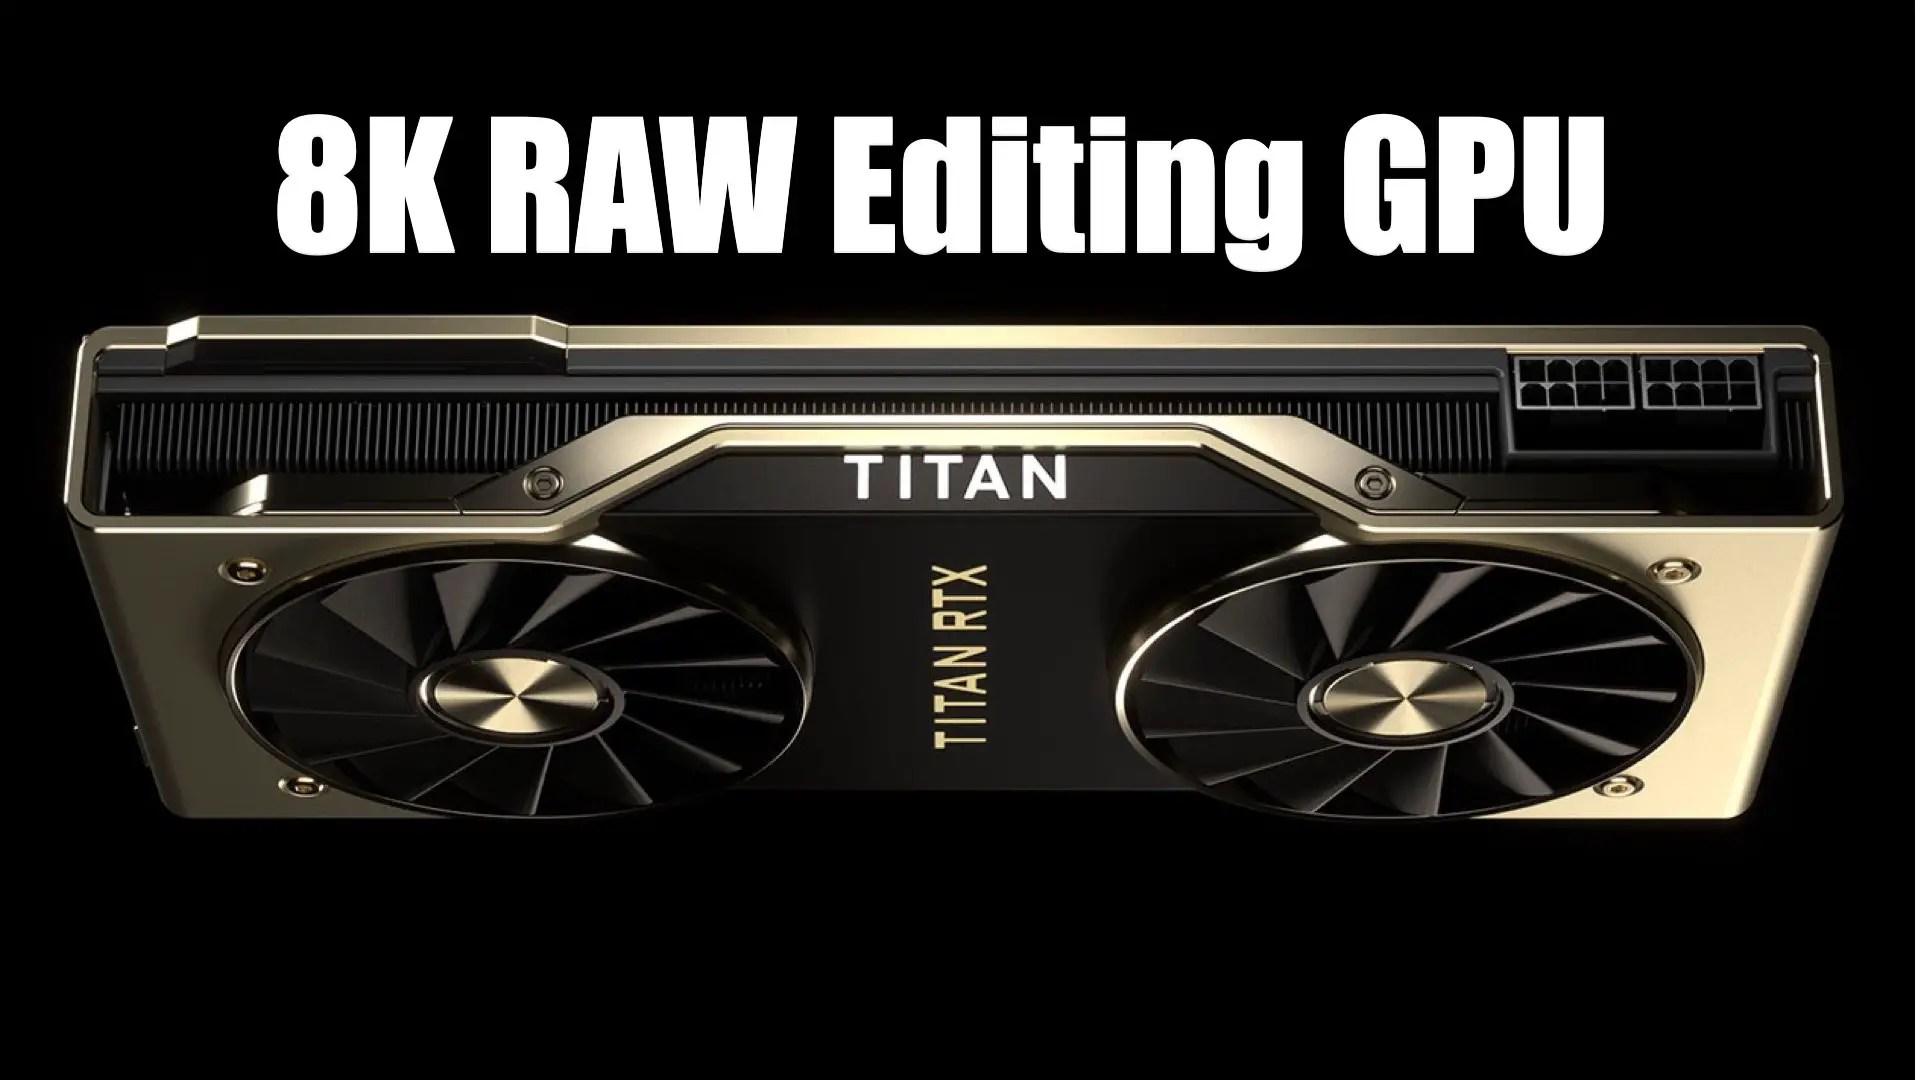 rtx editor